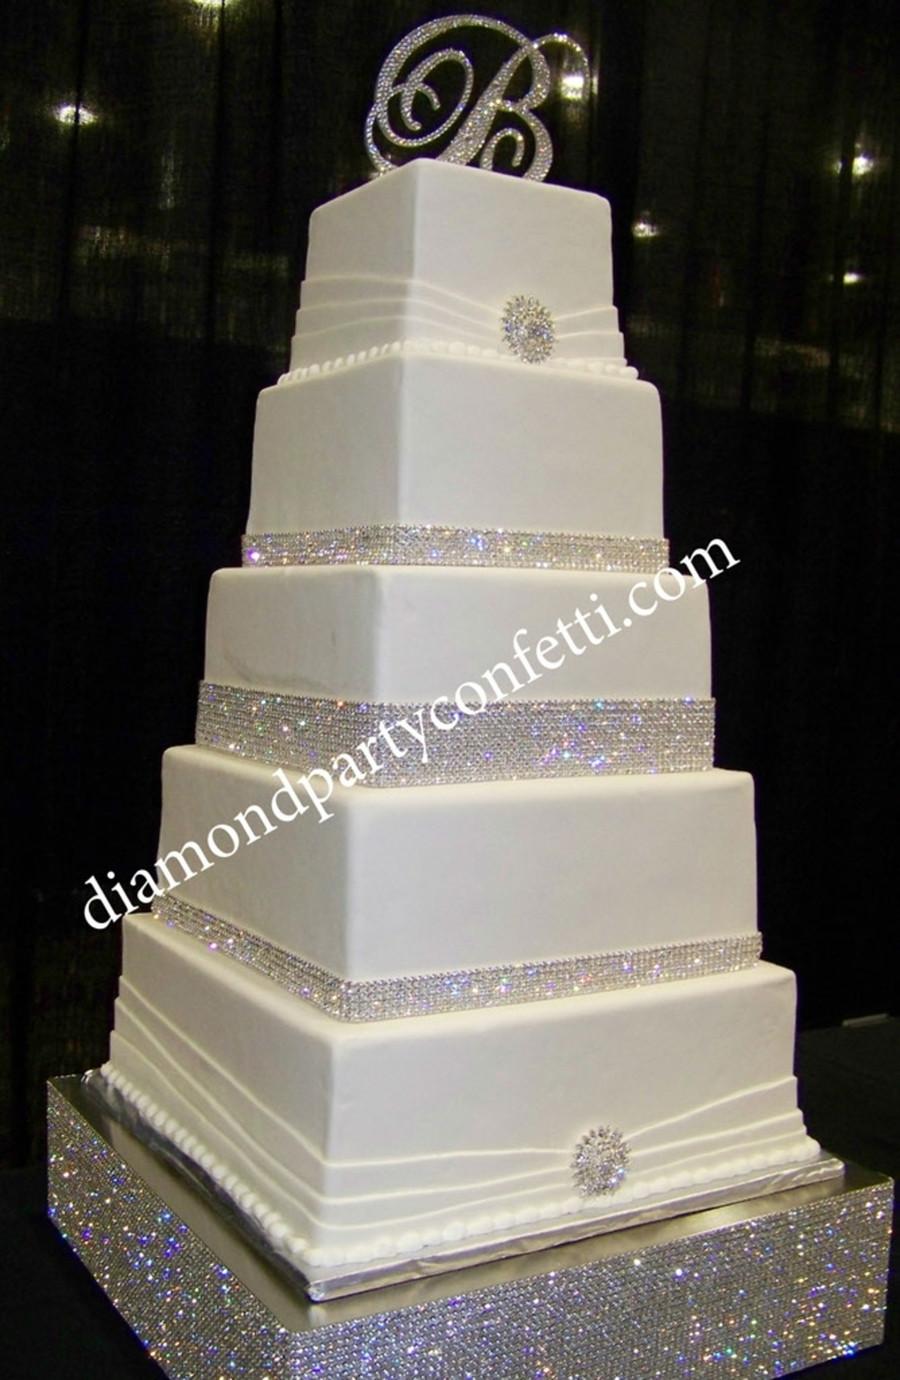 Rhinestone Wedding Cakes  Rhinestone Bling Wedding Cake CakeCentral